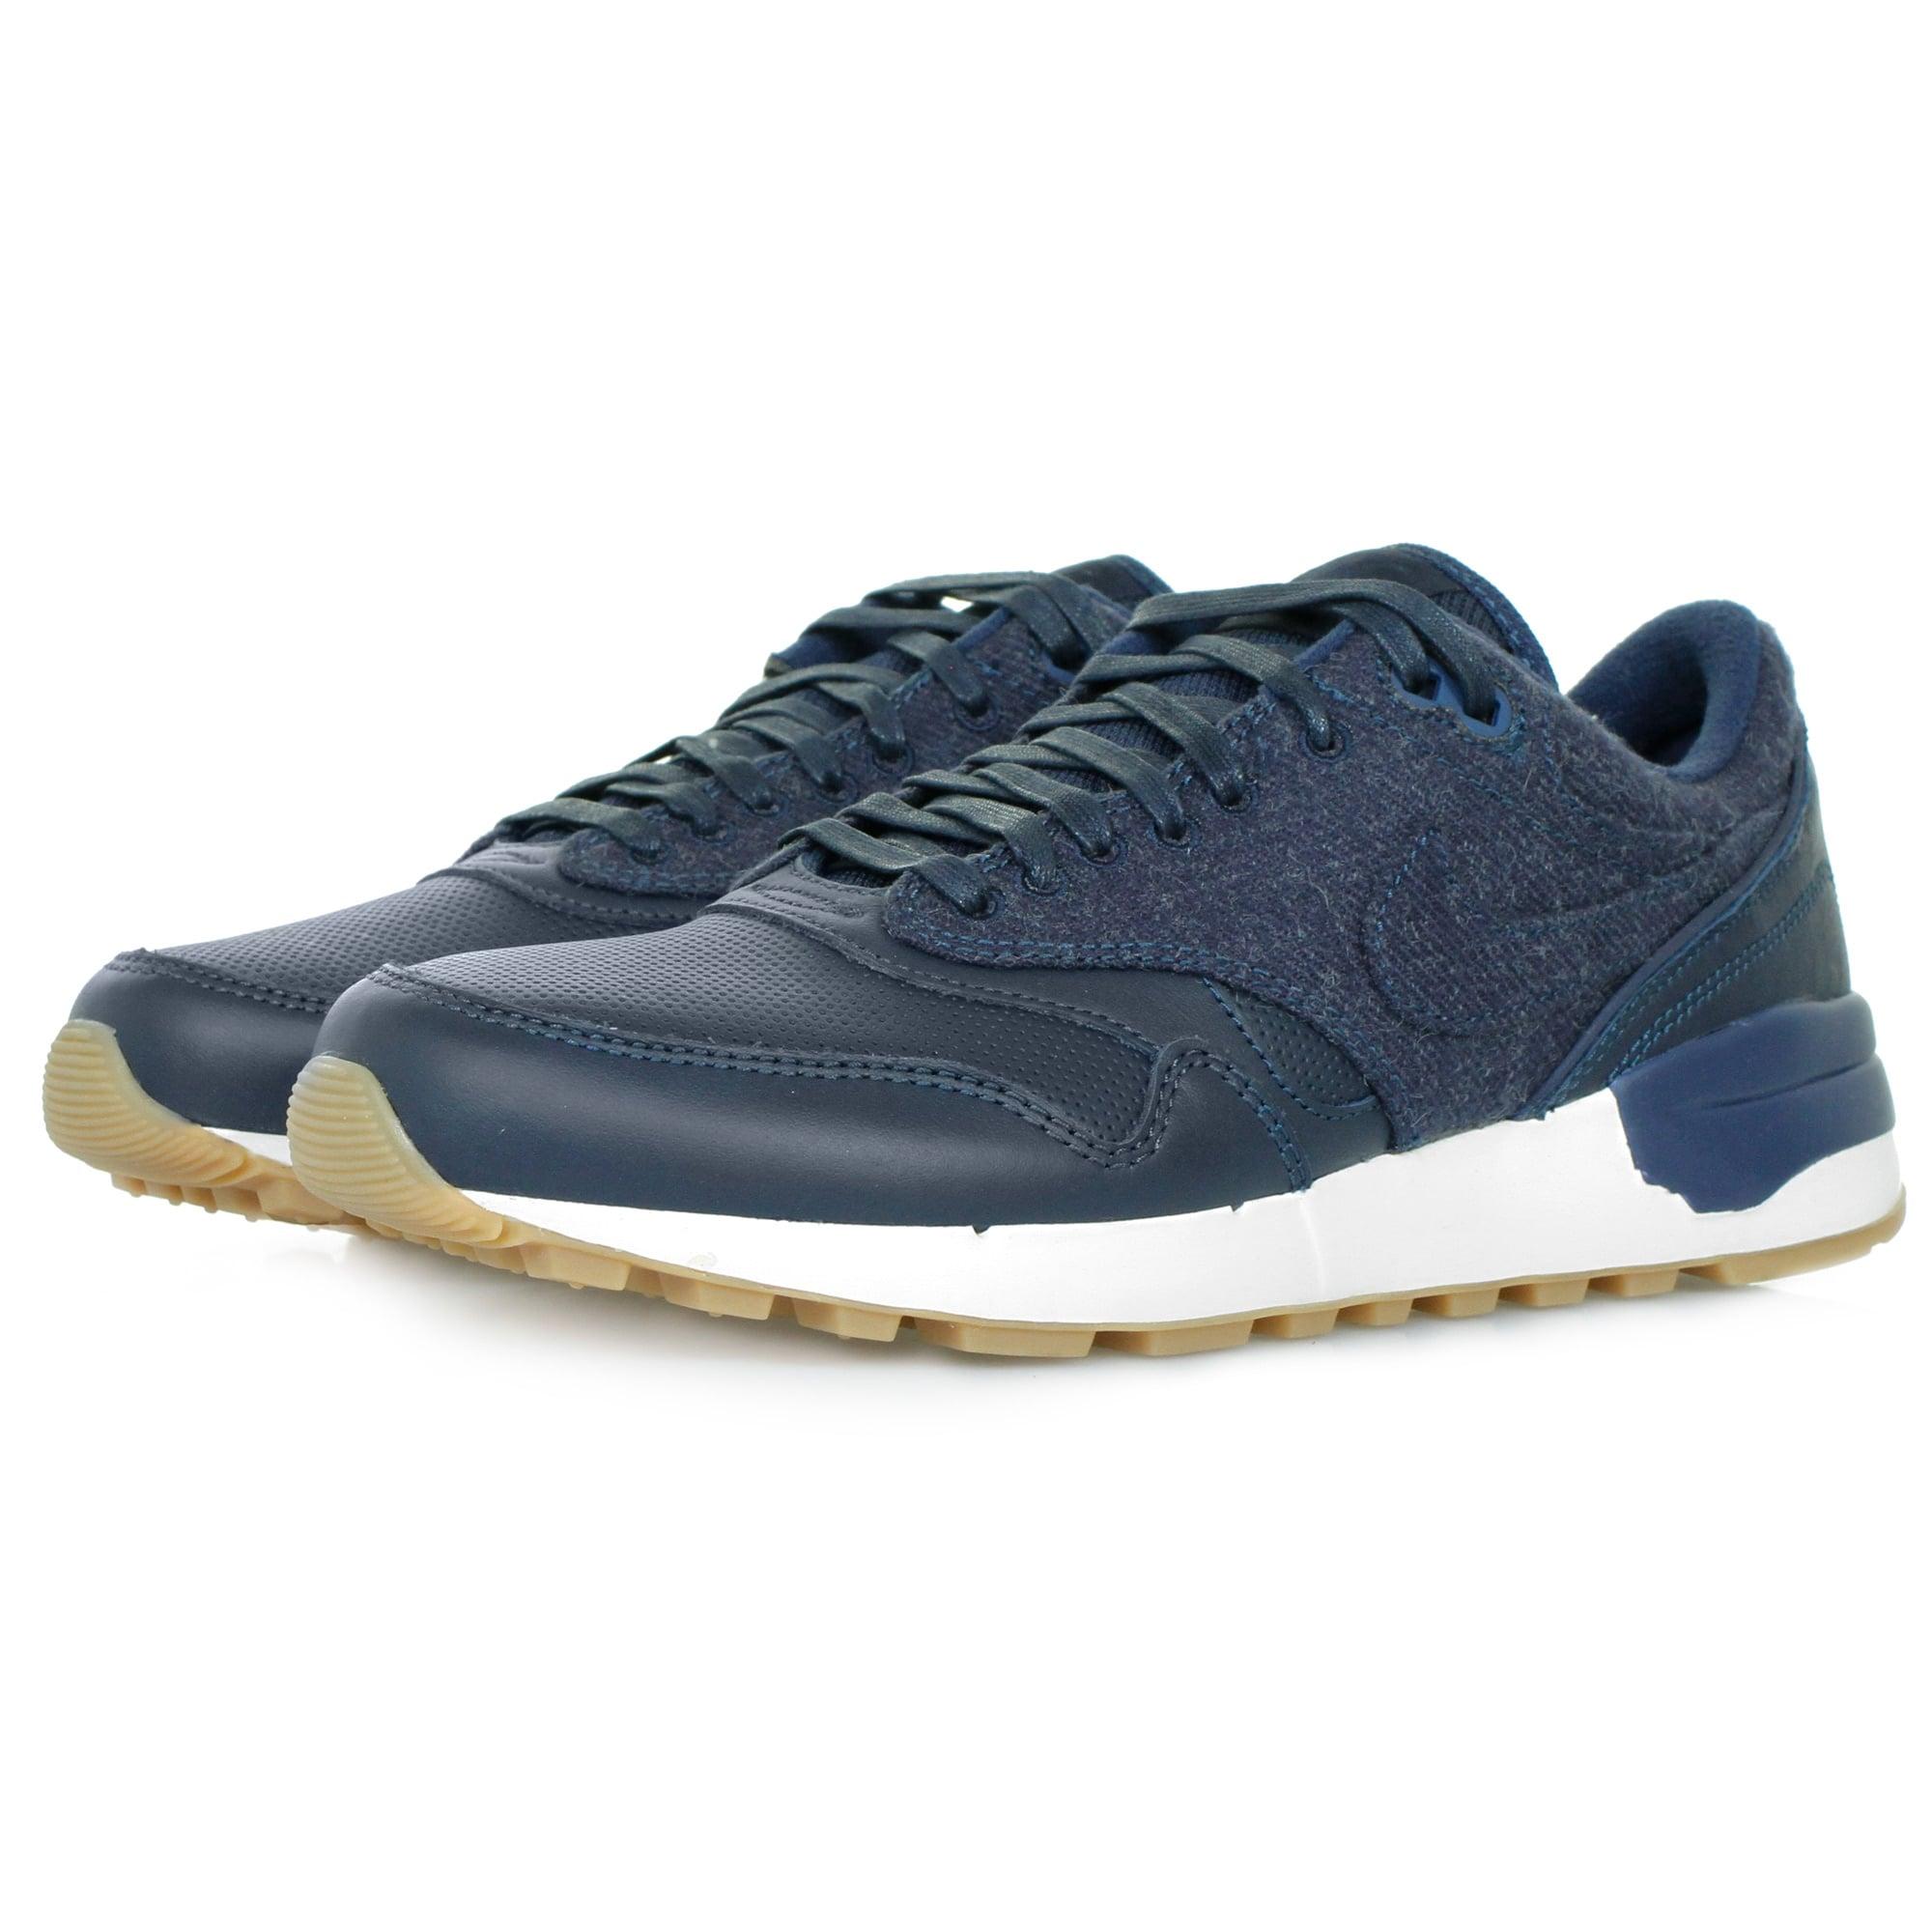 nowe niższe ceny nowe obrazy sportowa odzież sportowa Nike Nike Air Odyssey LX Navy Shoe 806811 400